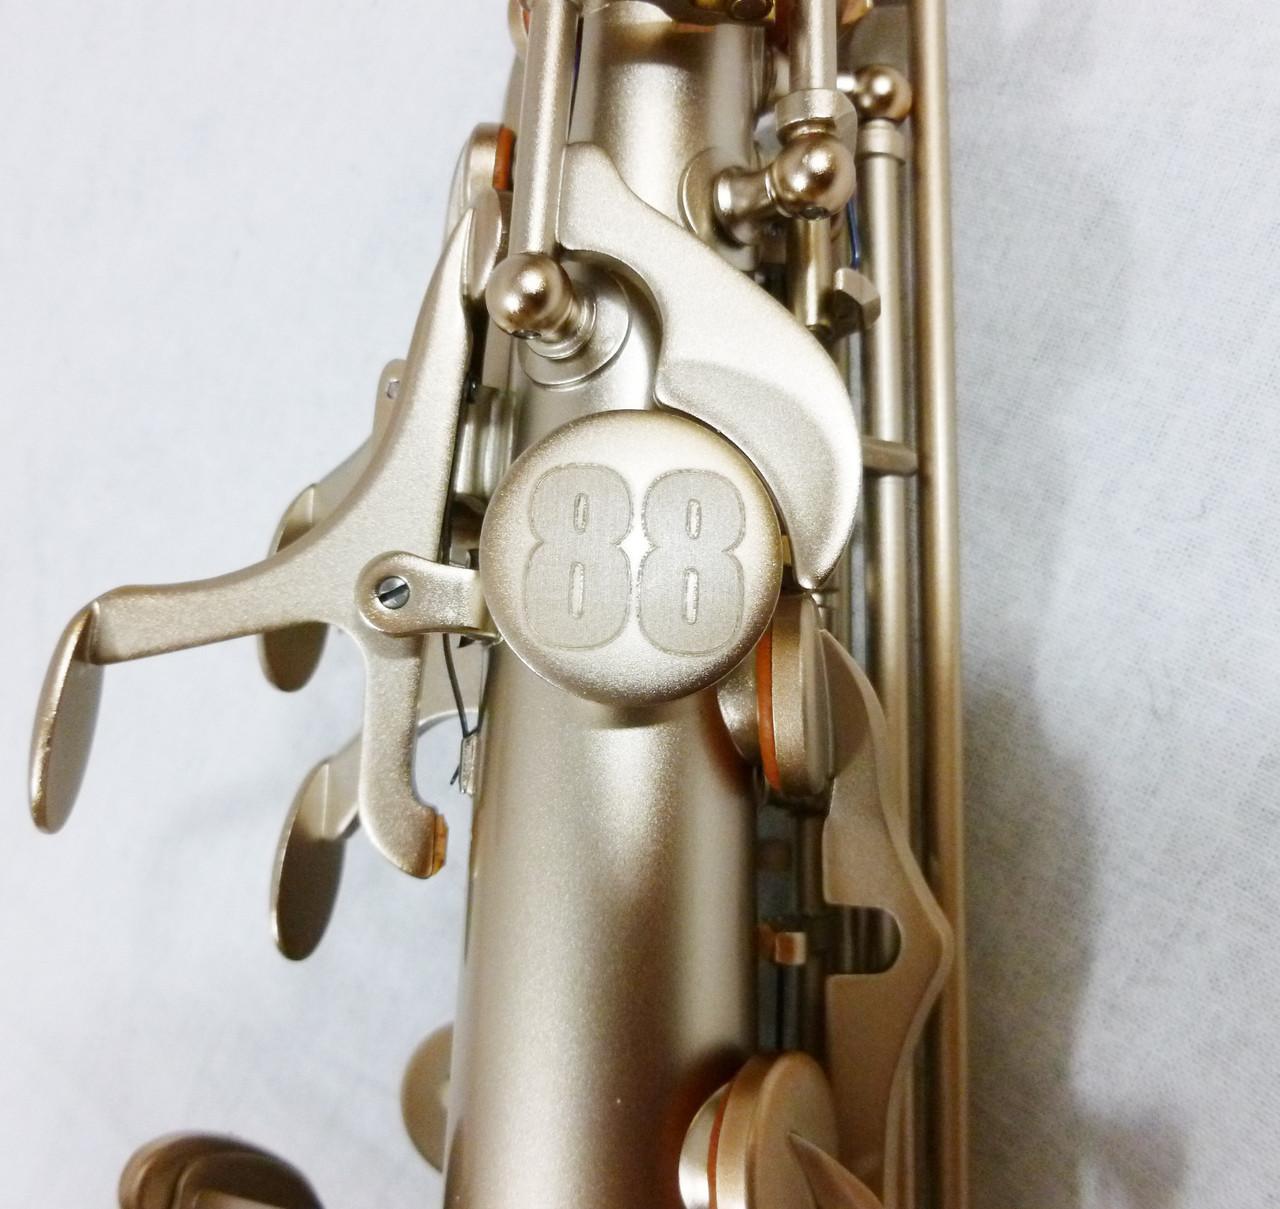 trevor james horn 88 soprano saxophone 2